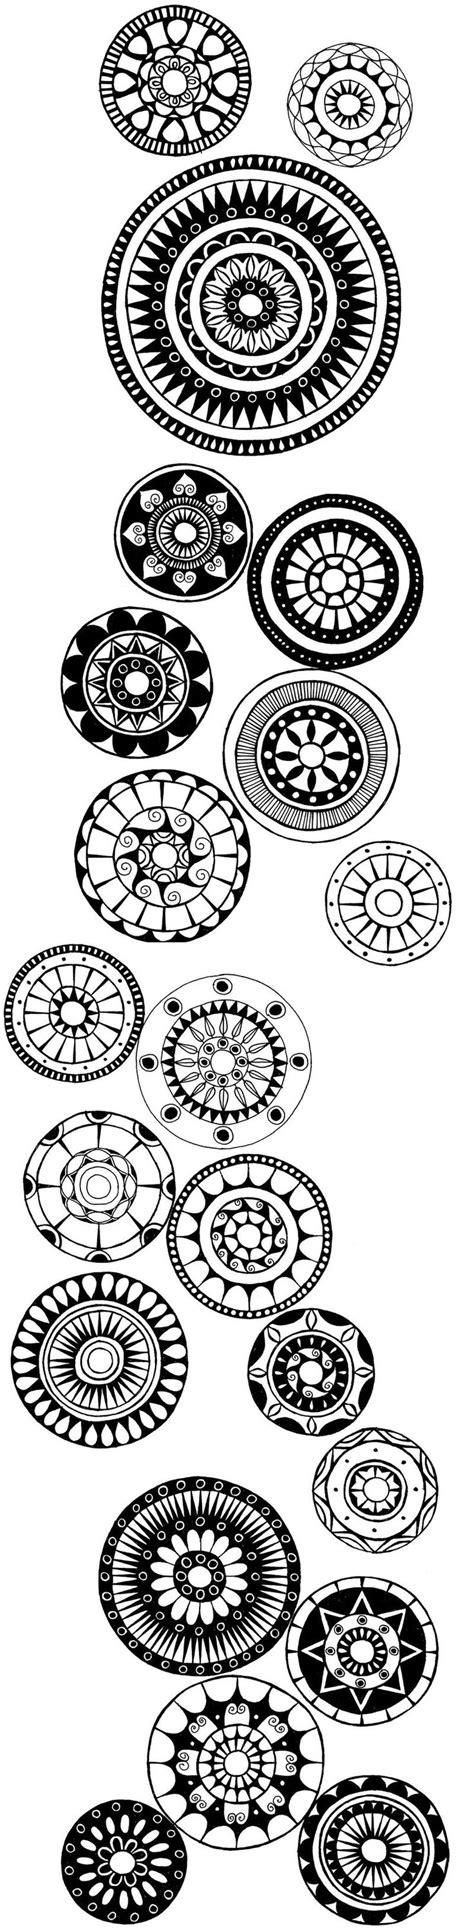 mandala design with meaning best 25 mandala doodle ideas on pinterest mandala